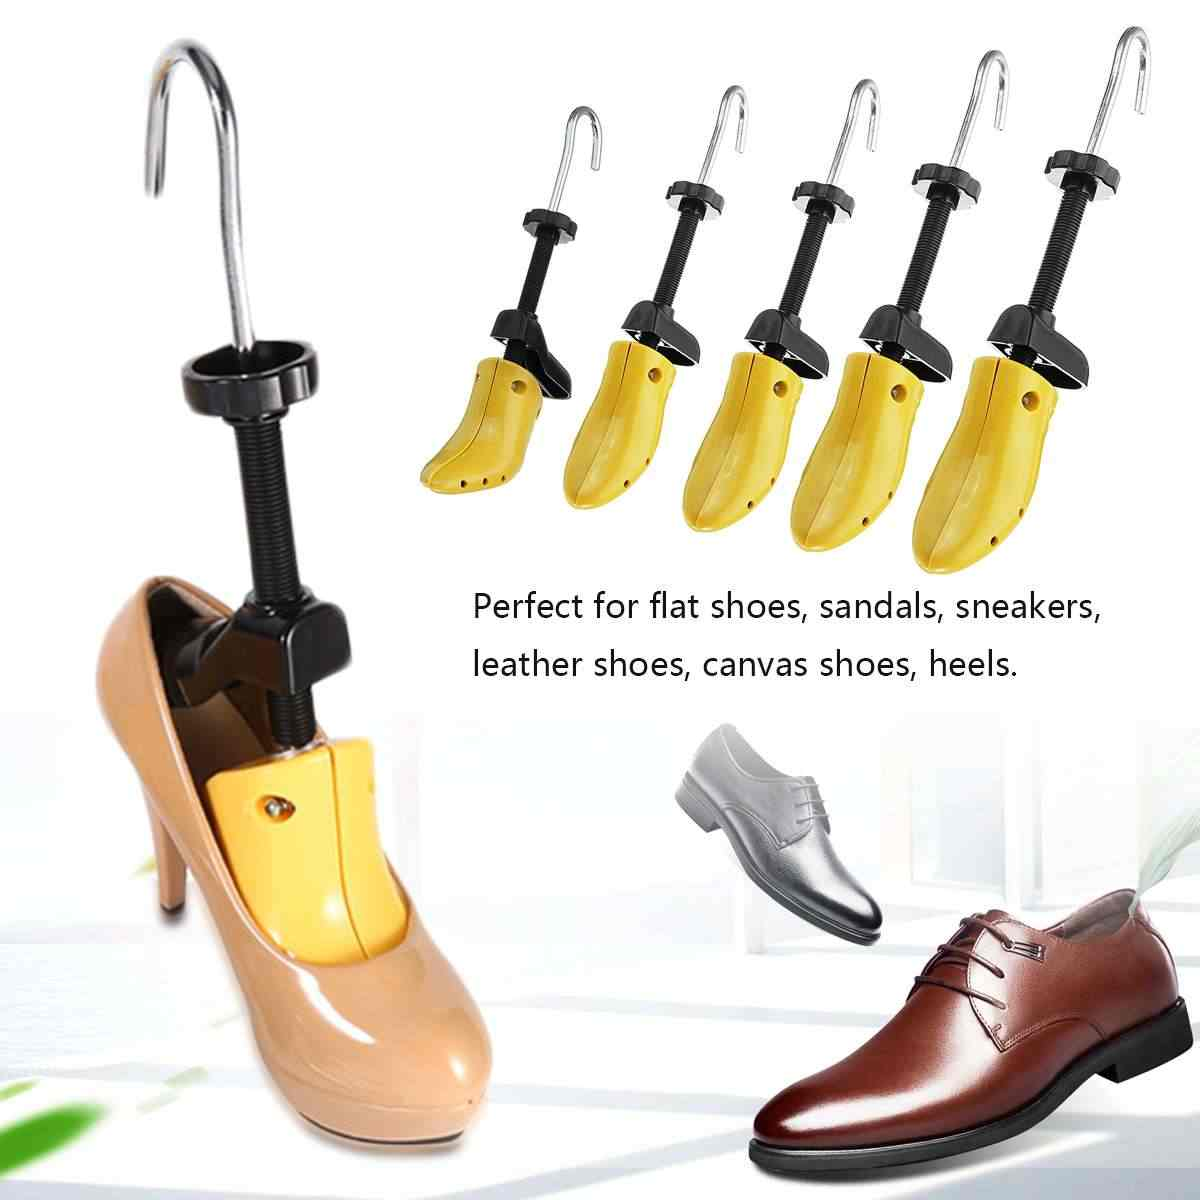 Boyut S/M/L 28-48 erkek kadın 2-Way ayarlanabilir ayakkabı sedye topuklu çizmeler ağaçları şekillendirici genişletici Unisex plastik korumak şekli